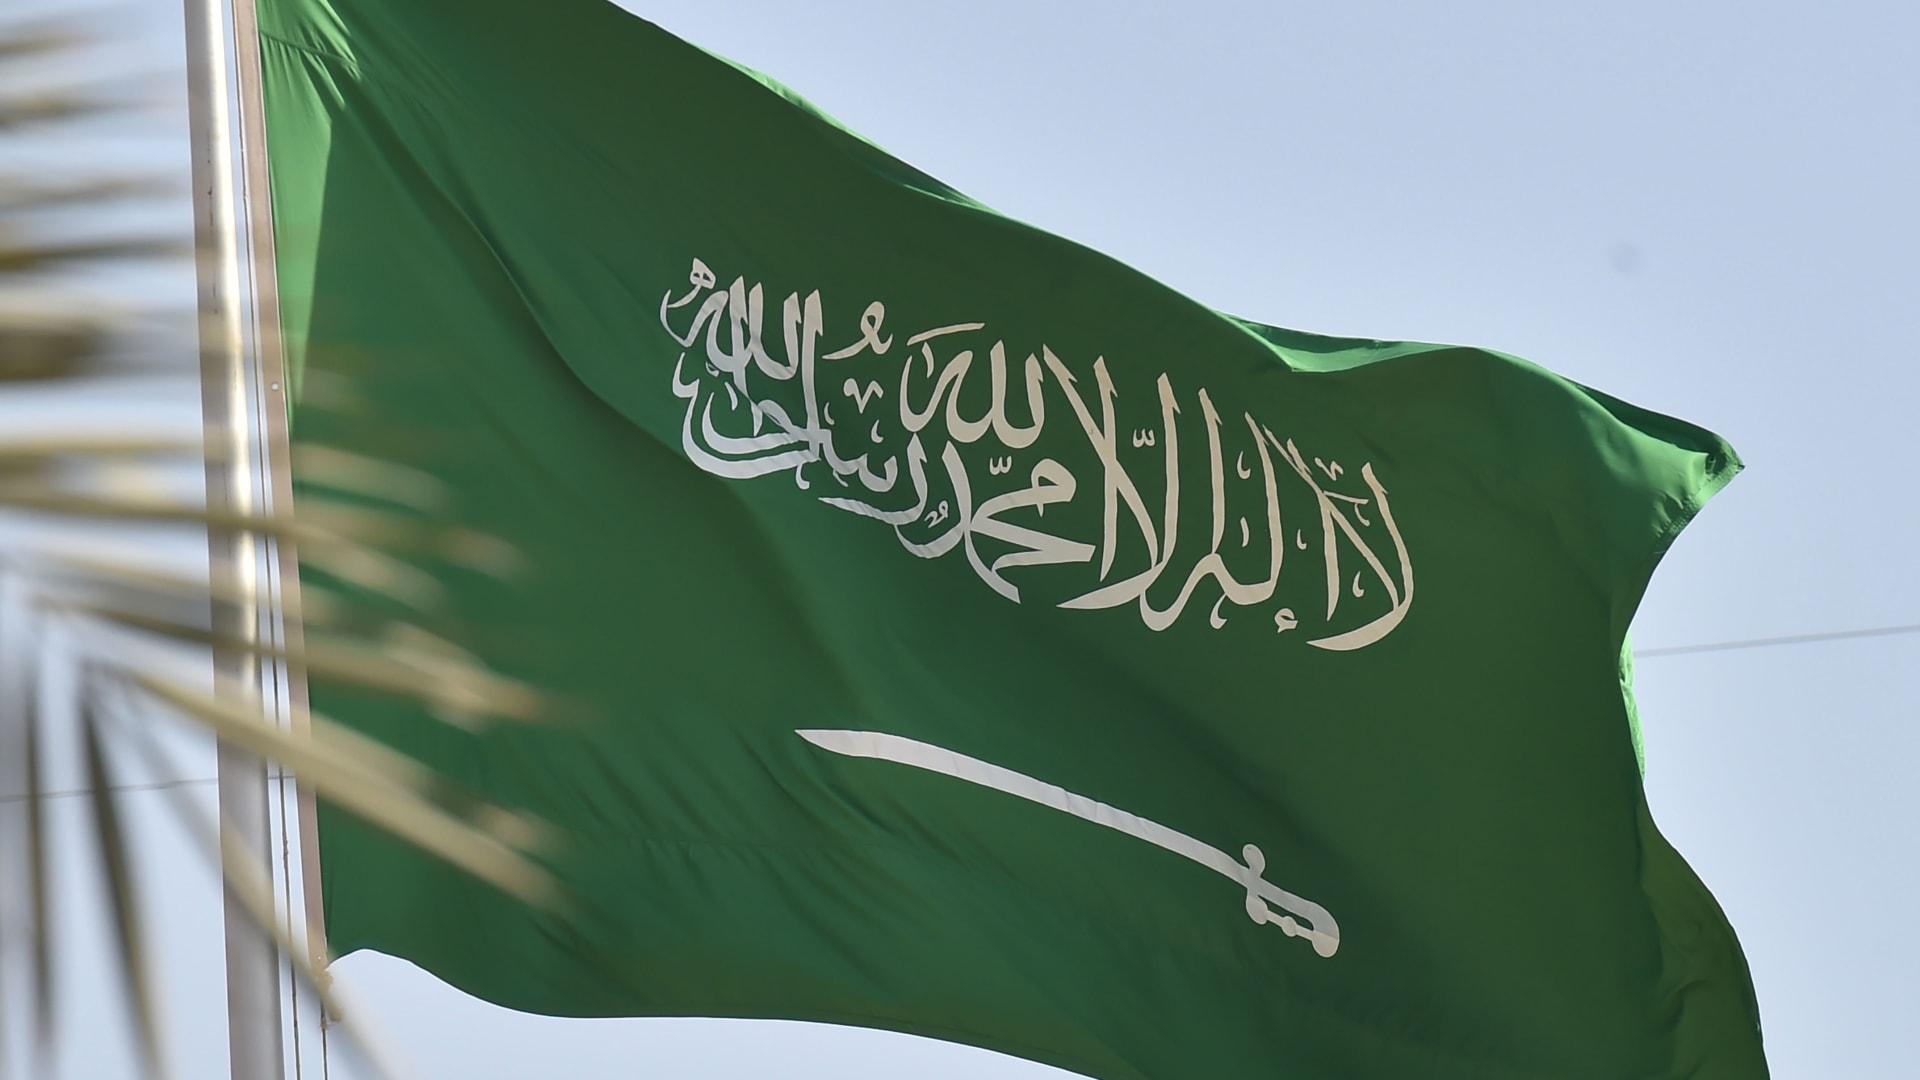 الداخلية السعودية تعلن تنفيذ حكم الإعدام بمواطنين أحدهما قتل مصريًا